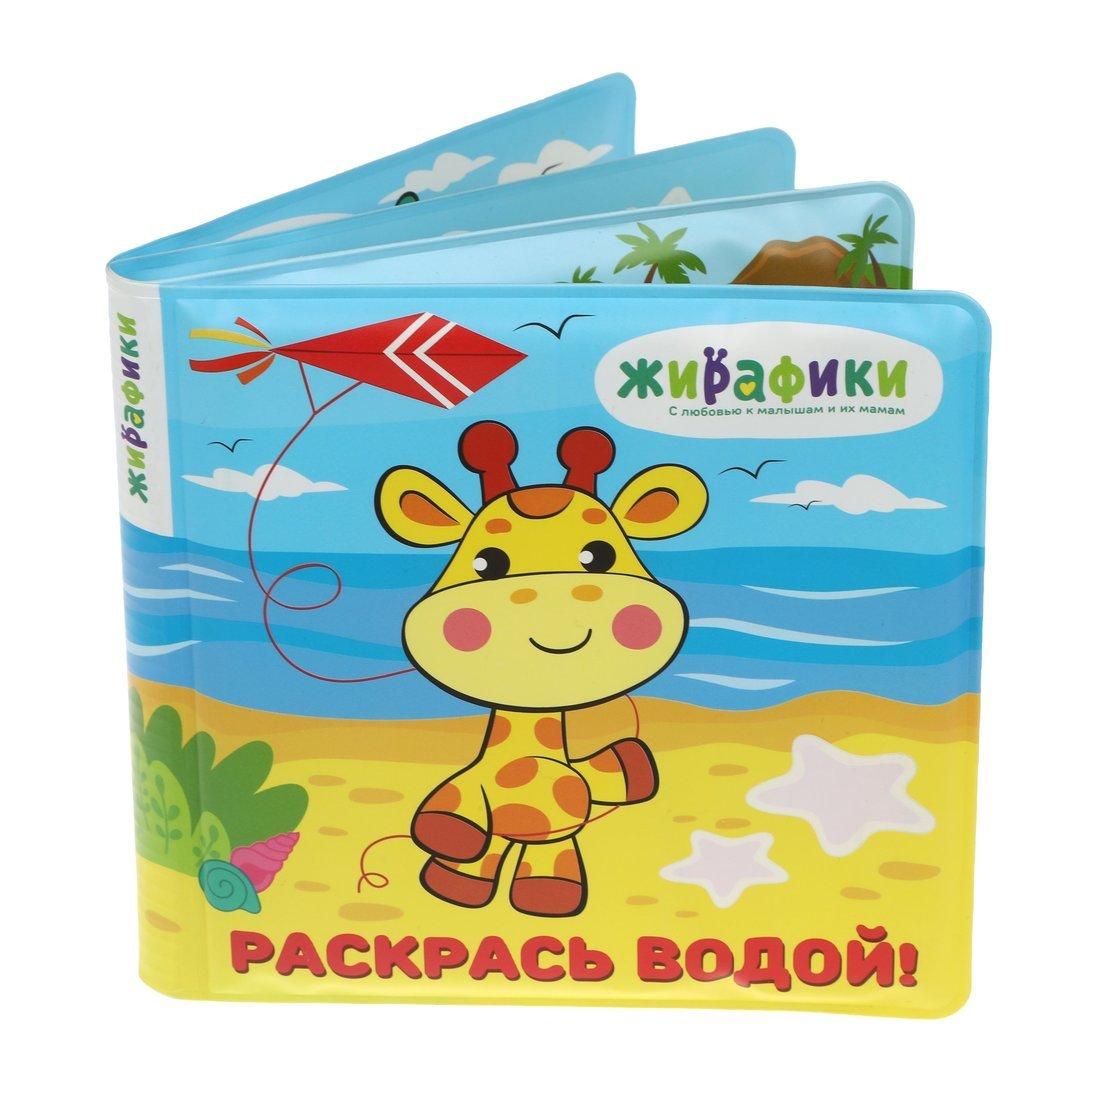 Игрушка-книжка для купания  Раскрась водой , 14х14 см, ПВХ, со стишками, эффект появления картинок